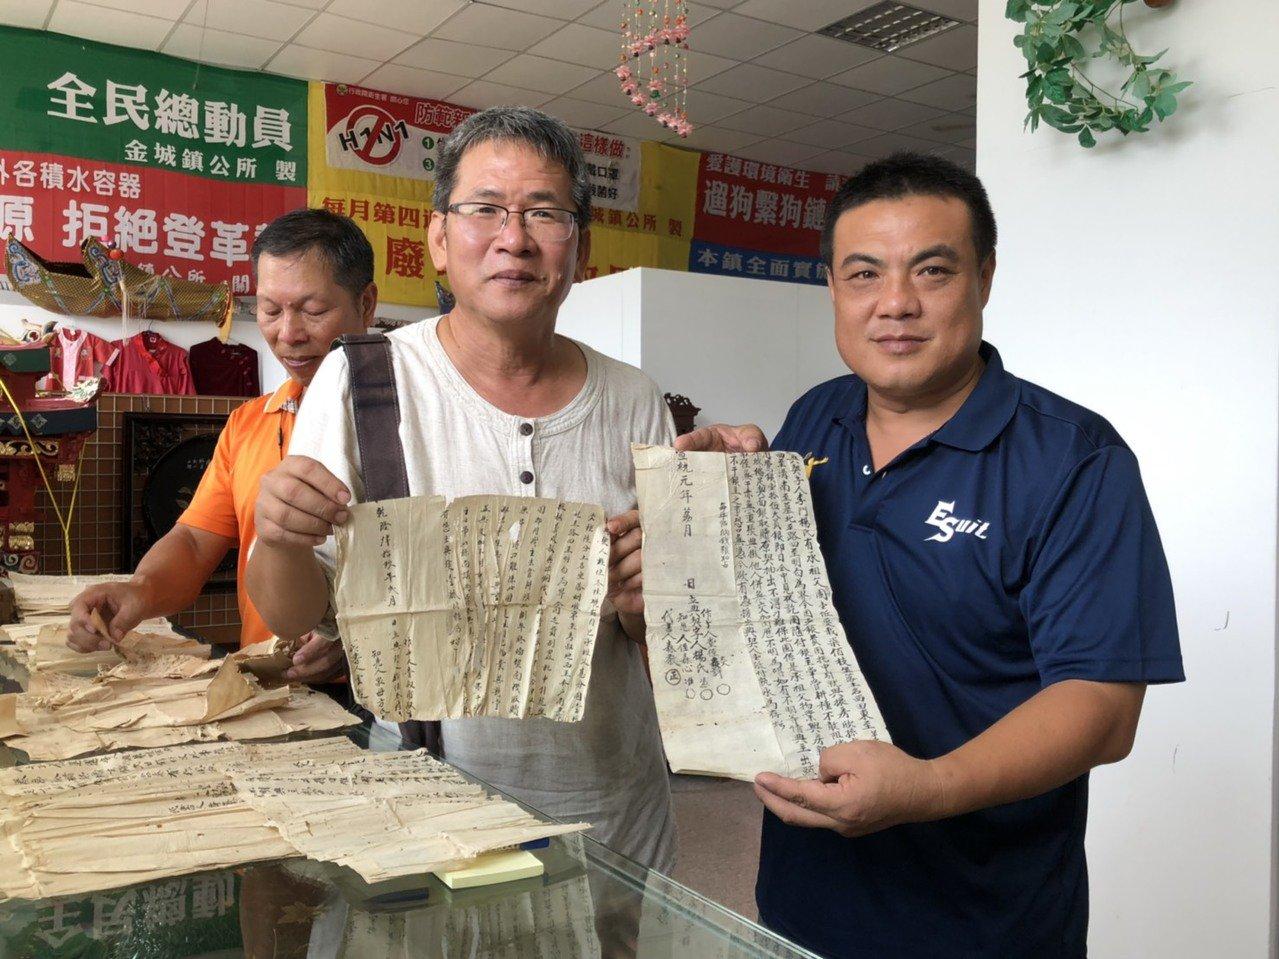 金城鎮長李誠智(右一)與文史工作者林金榮(中)仔細詳看每張「古契」的內容,直說很...